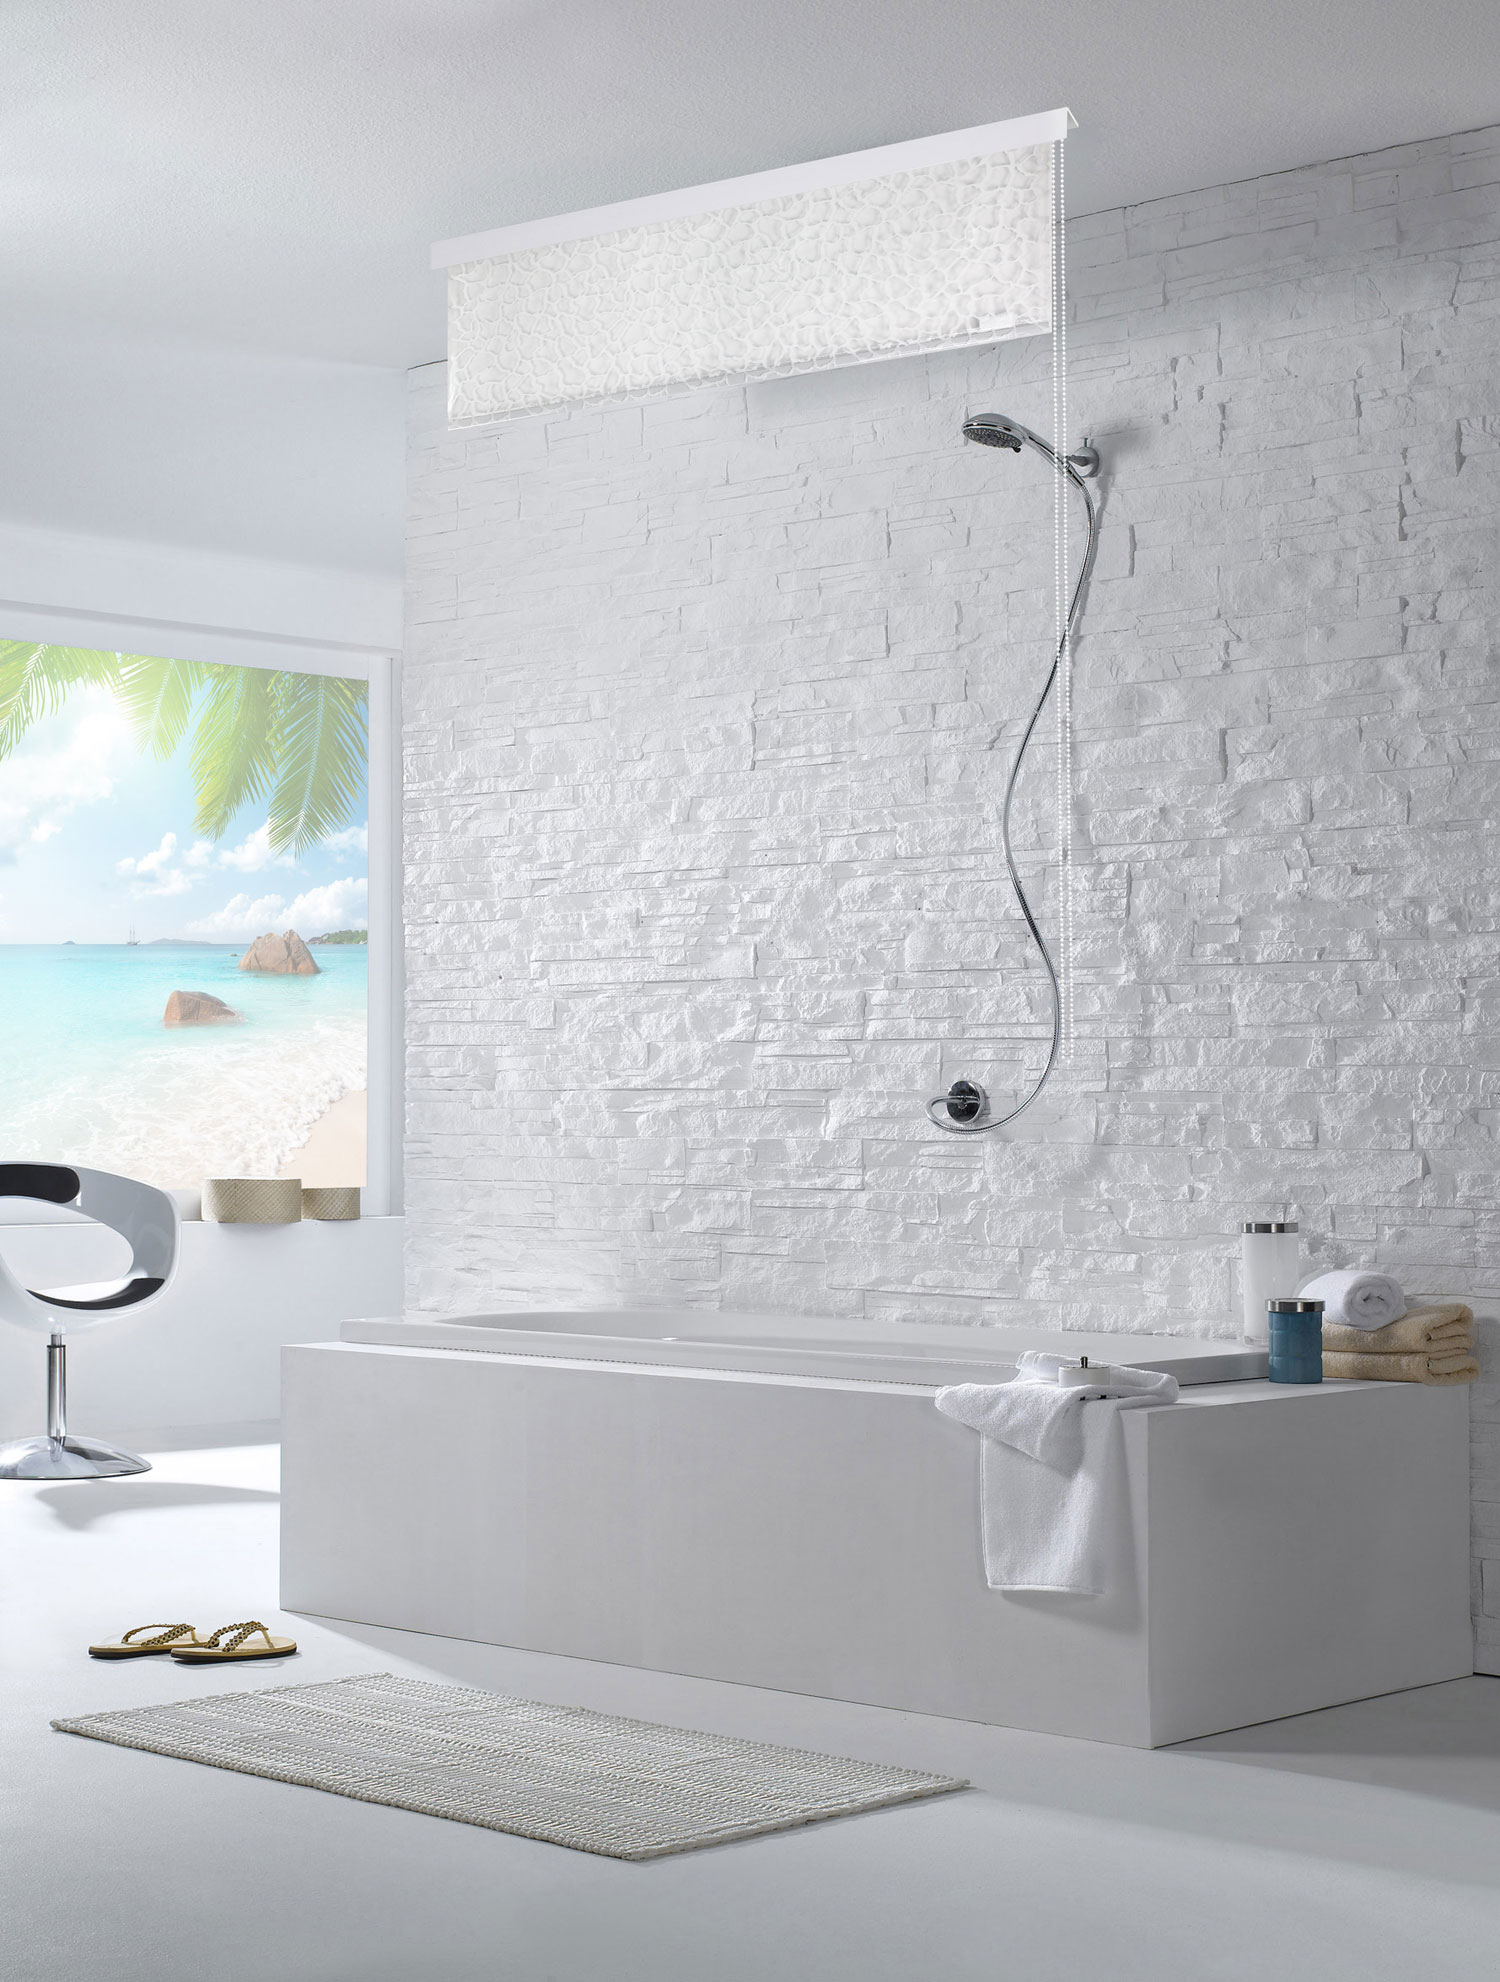 551 tlg alu werkzeugkoffer werkzeugset werkzeugkasten werkzeugbox werkzeug set ebay. Black Bedroom Furniture Sets. Home Design Ideas